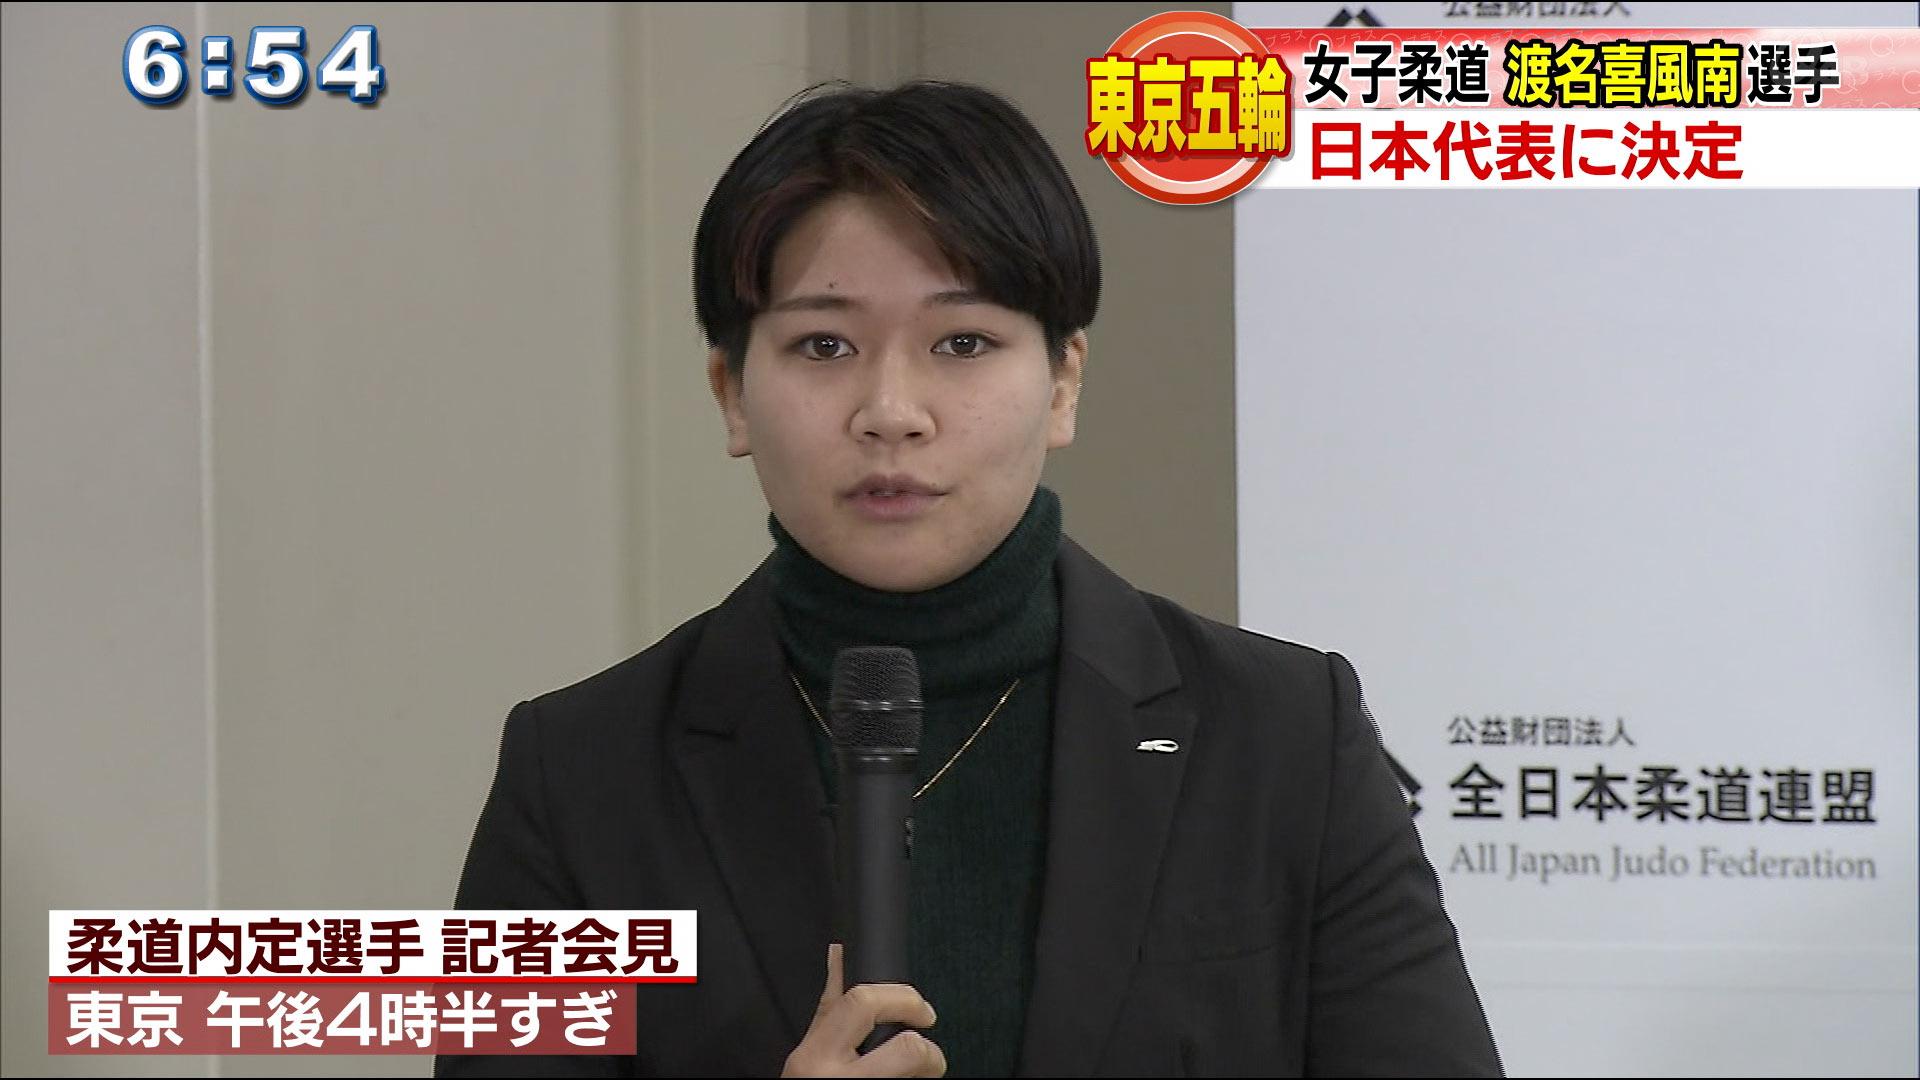 女子柔道 渡名喜風南選手が東京五輪内定